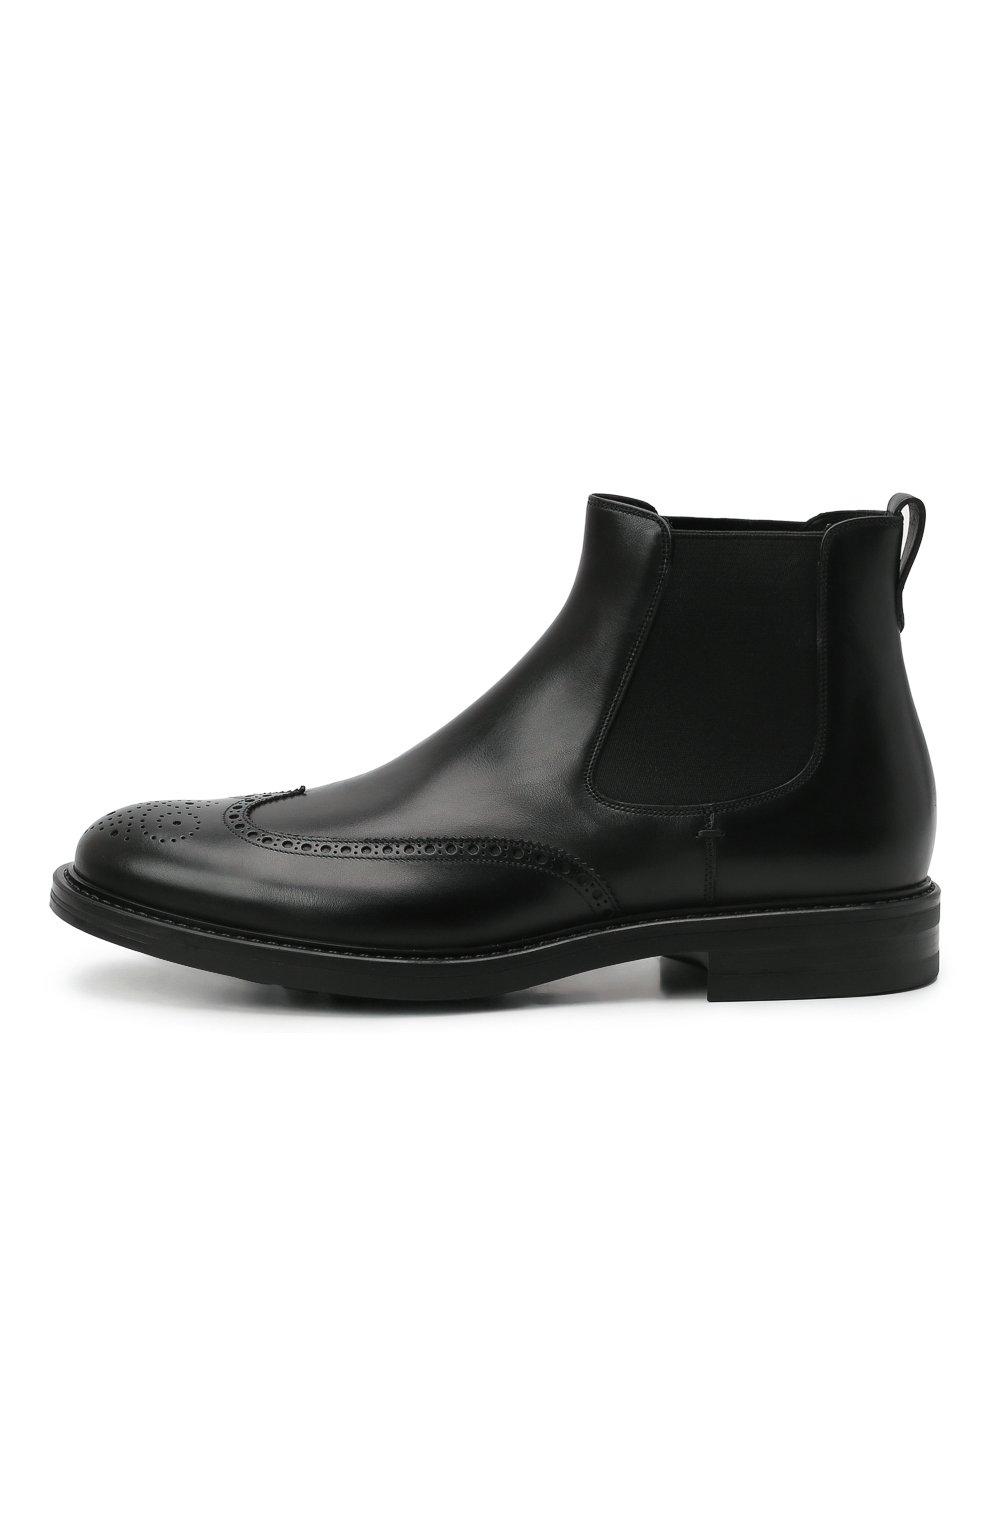 Мужские кожаные челси W.GIBBS черного цвета, арт. 3169004/0214 | Фото 3 (Материал внутренний: Натуральная кожа; Подошва: Плоская; Мужское Кросс-КТ: Сапоги-обувь, Челси-обувь)